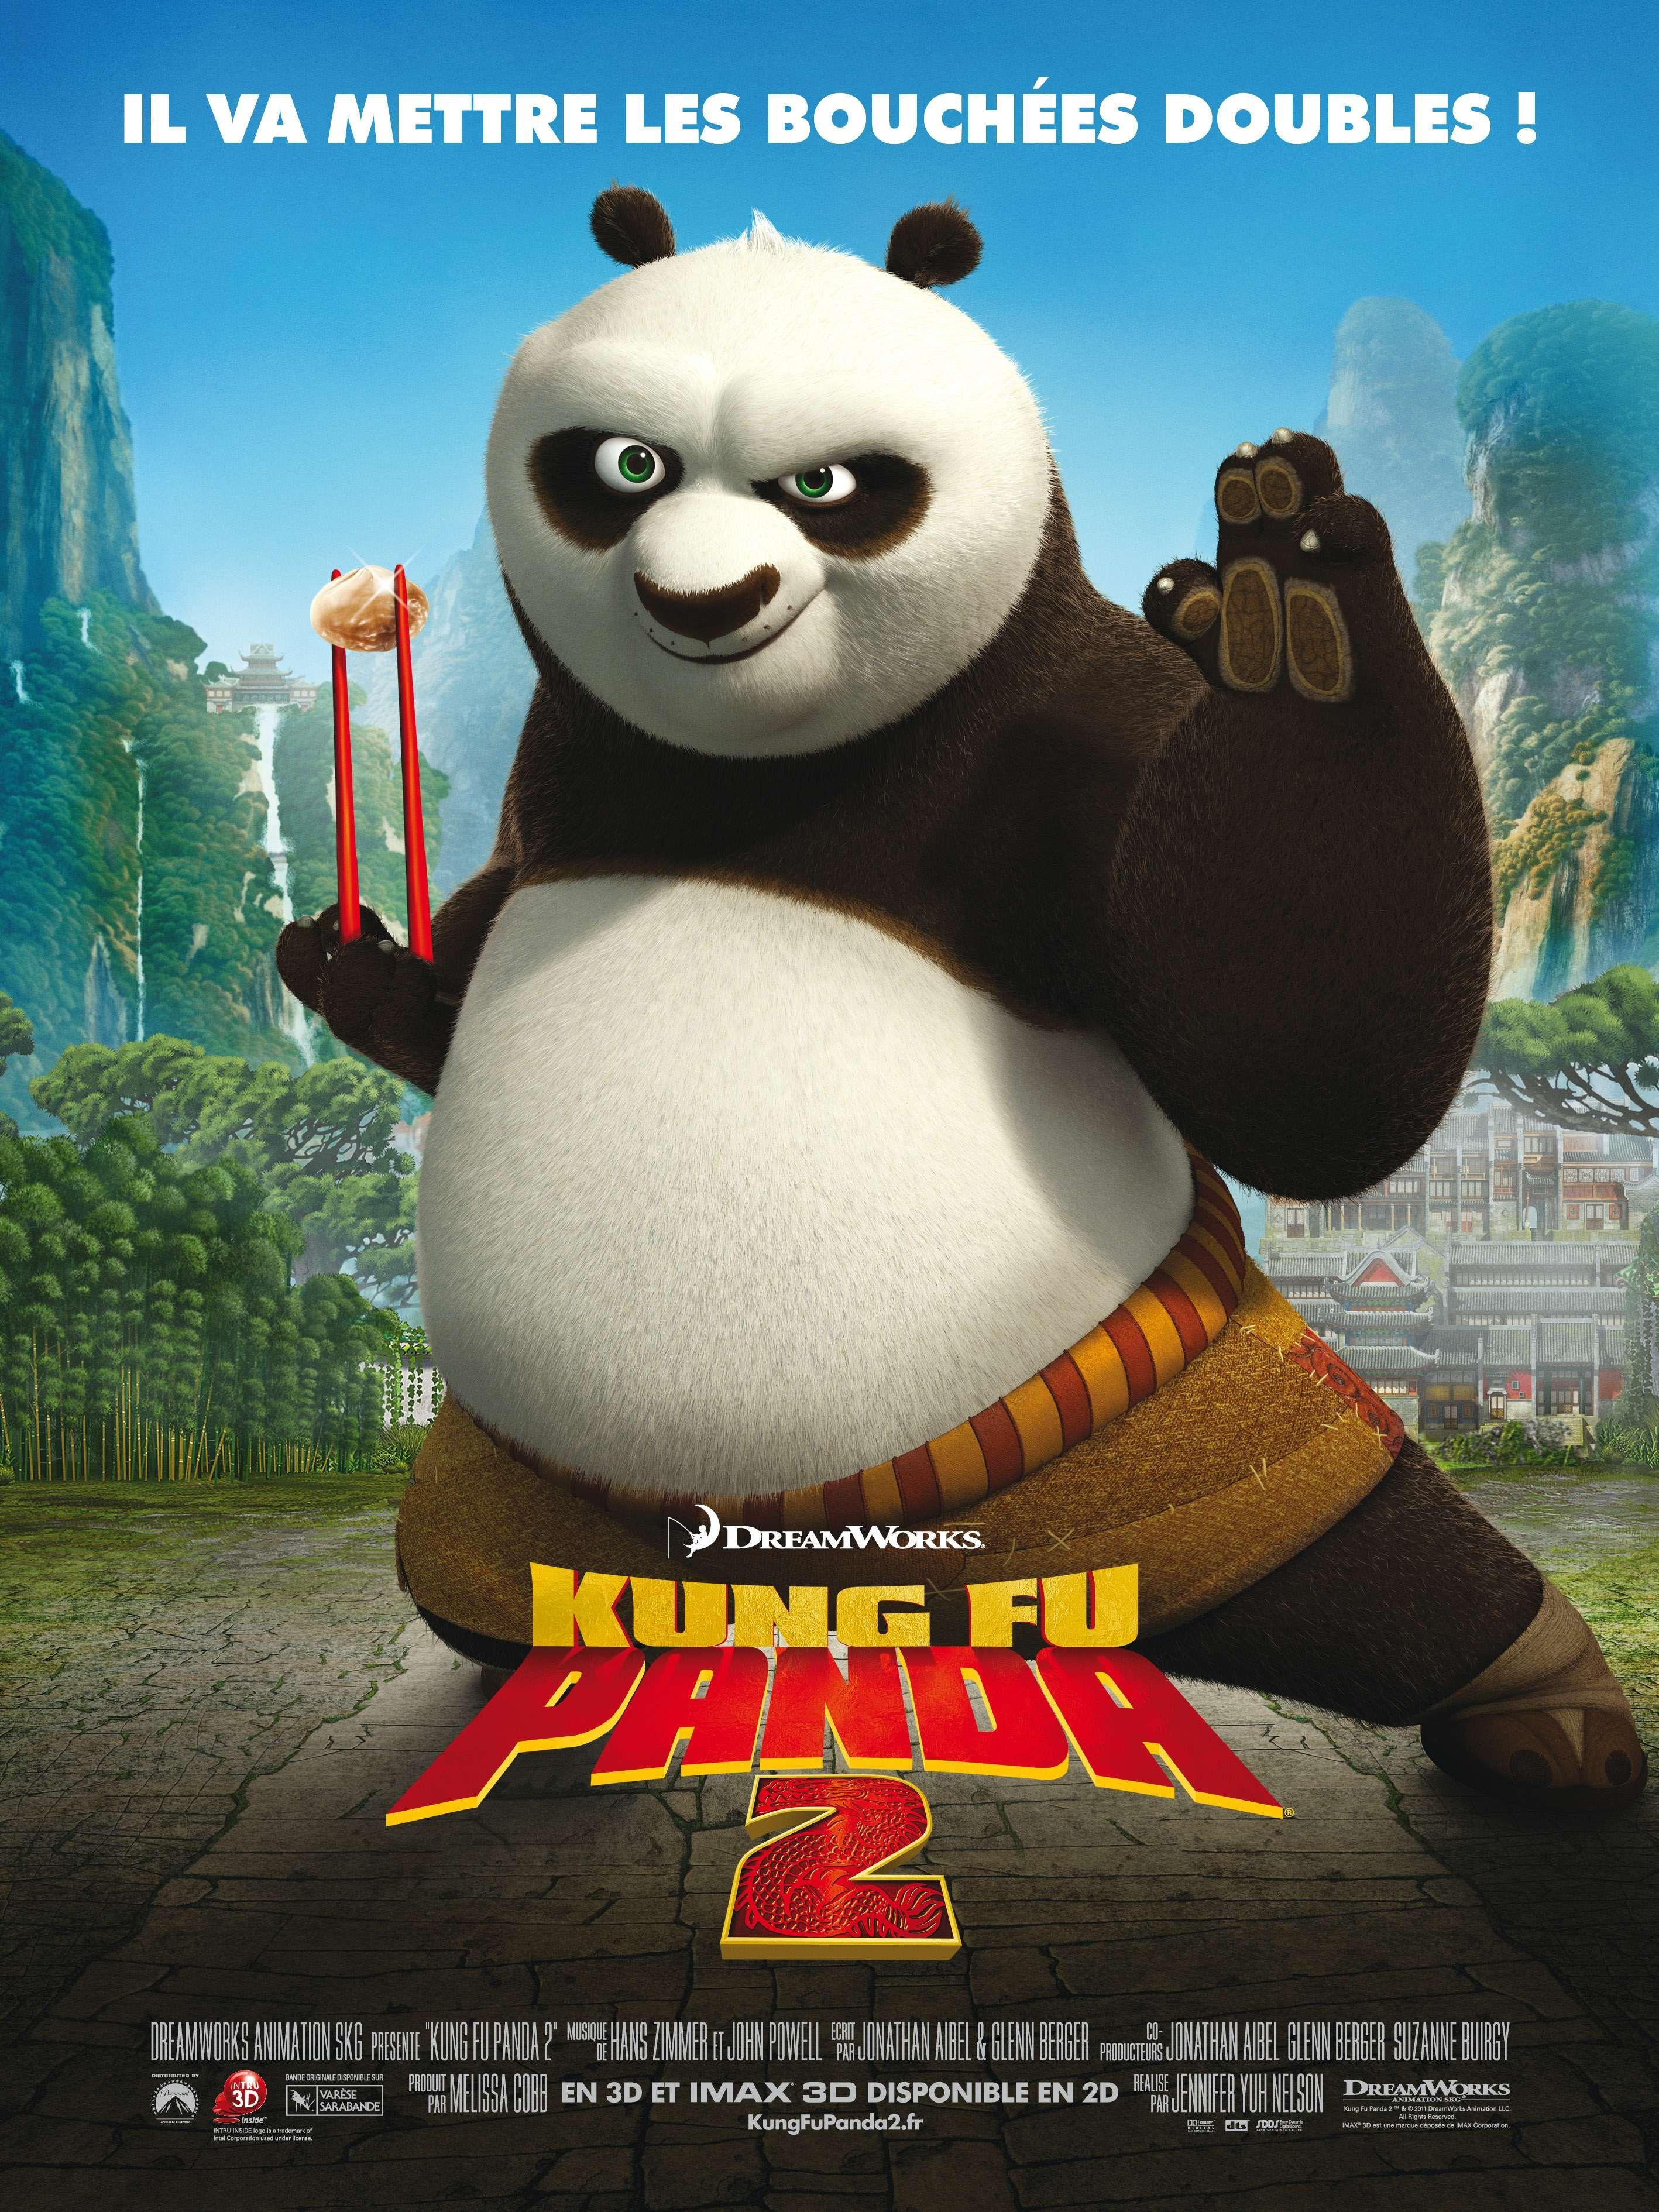 dl free fr kung fu panda